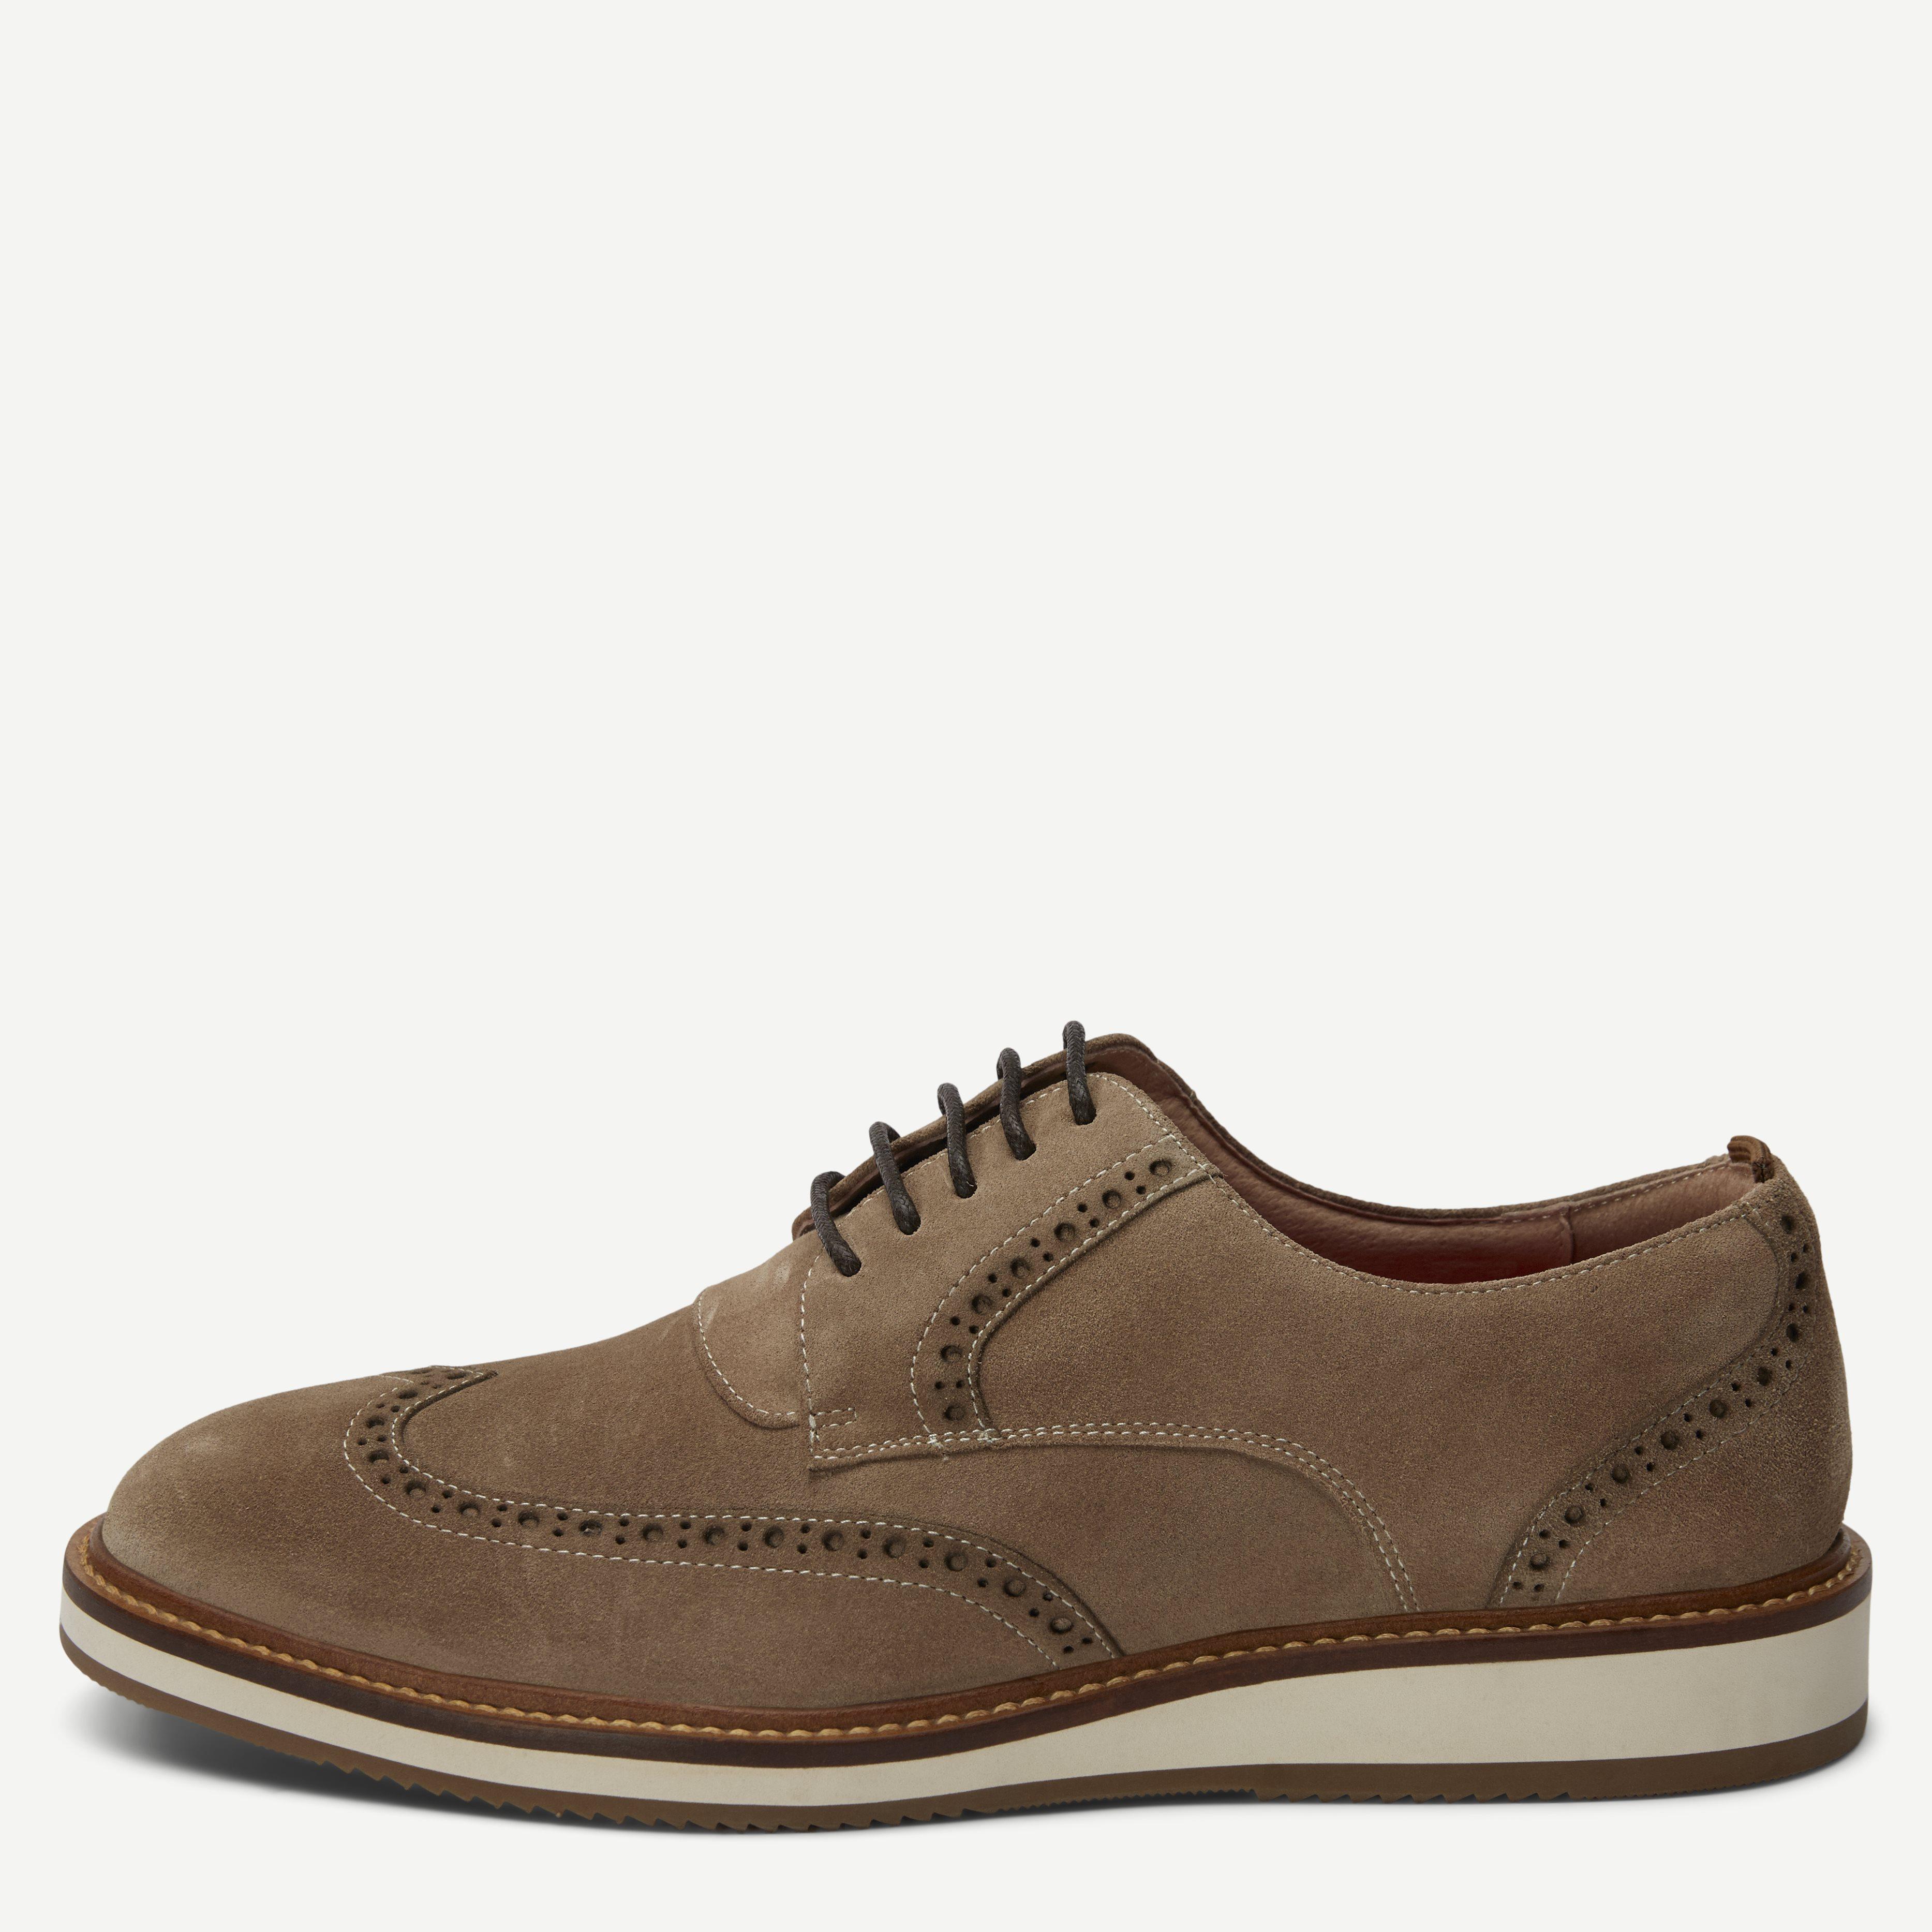 Schuhe - Sand